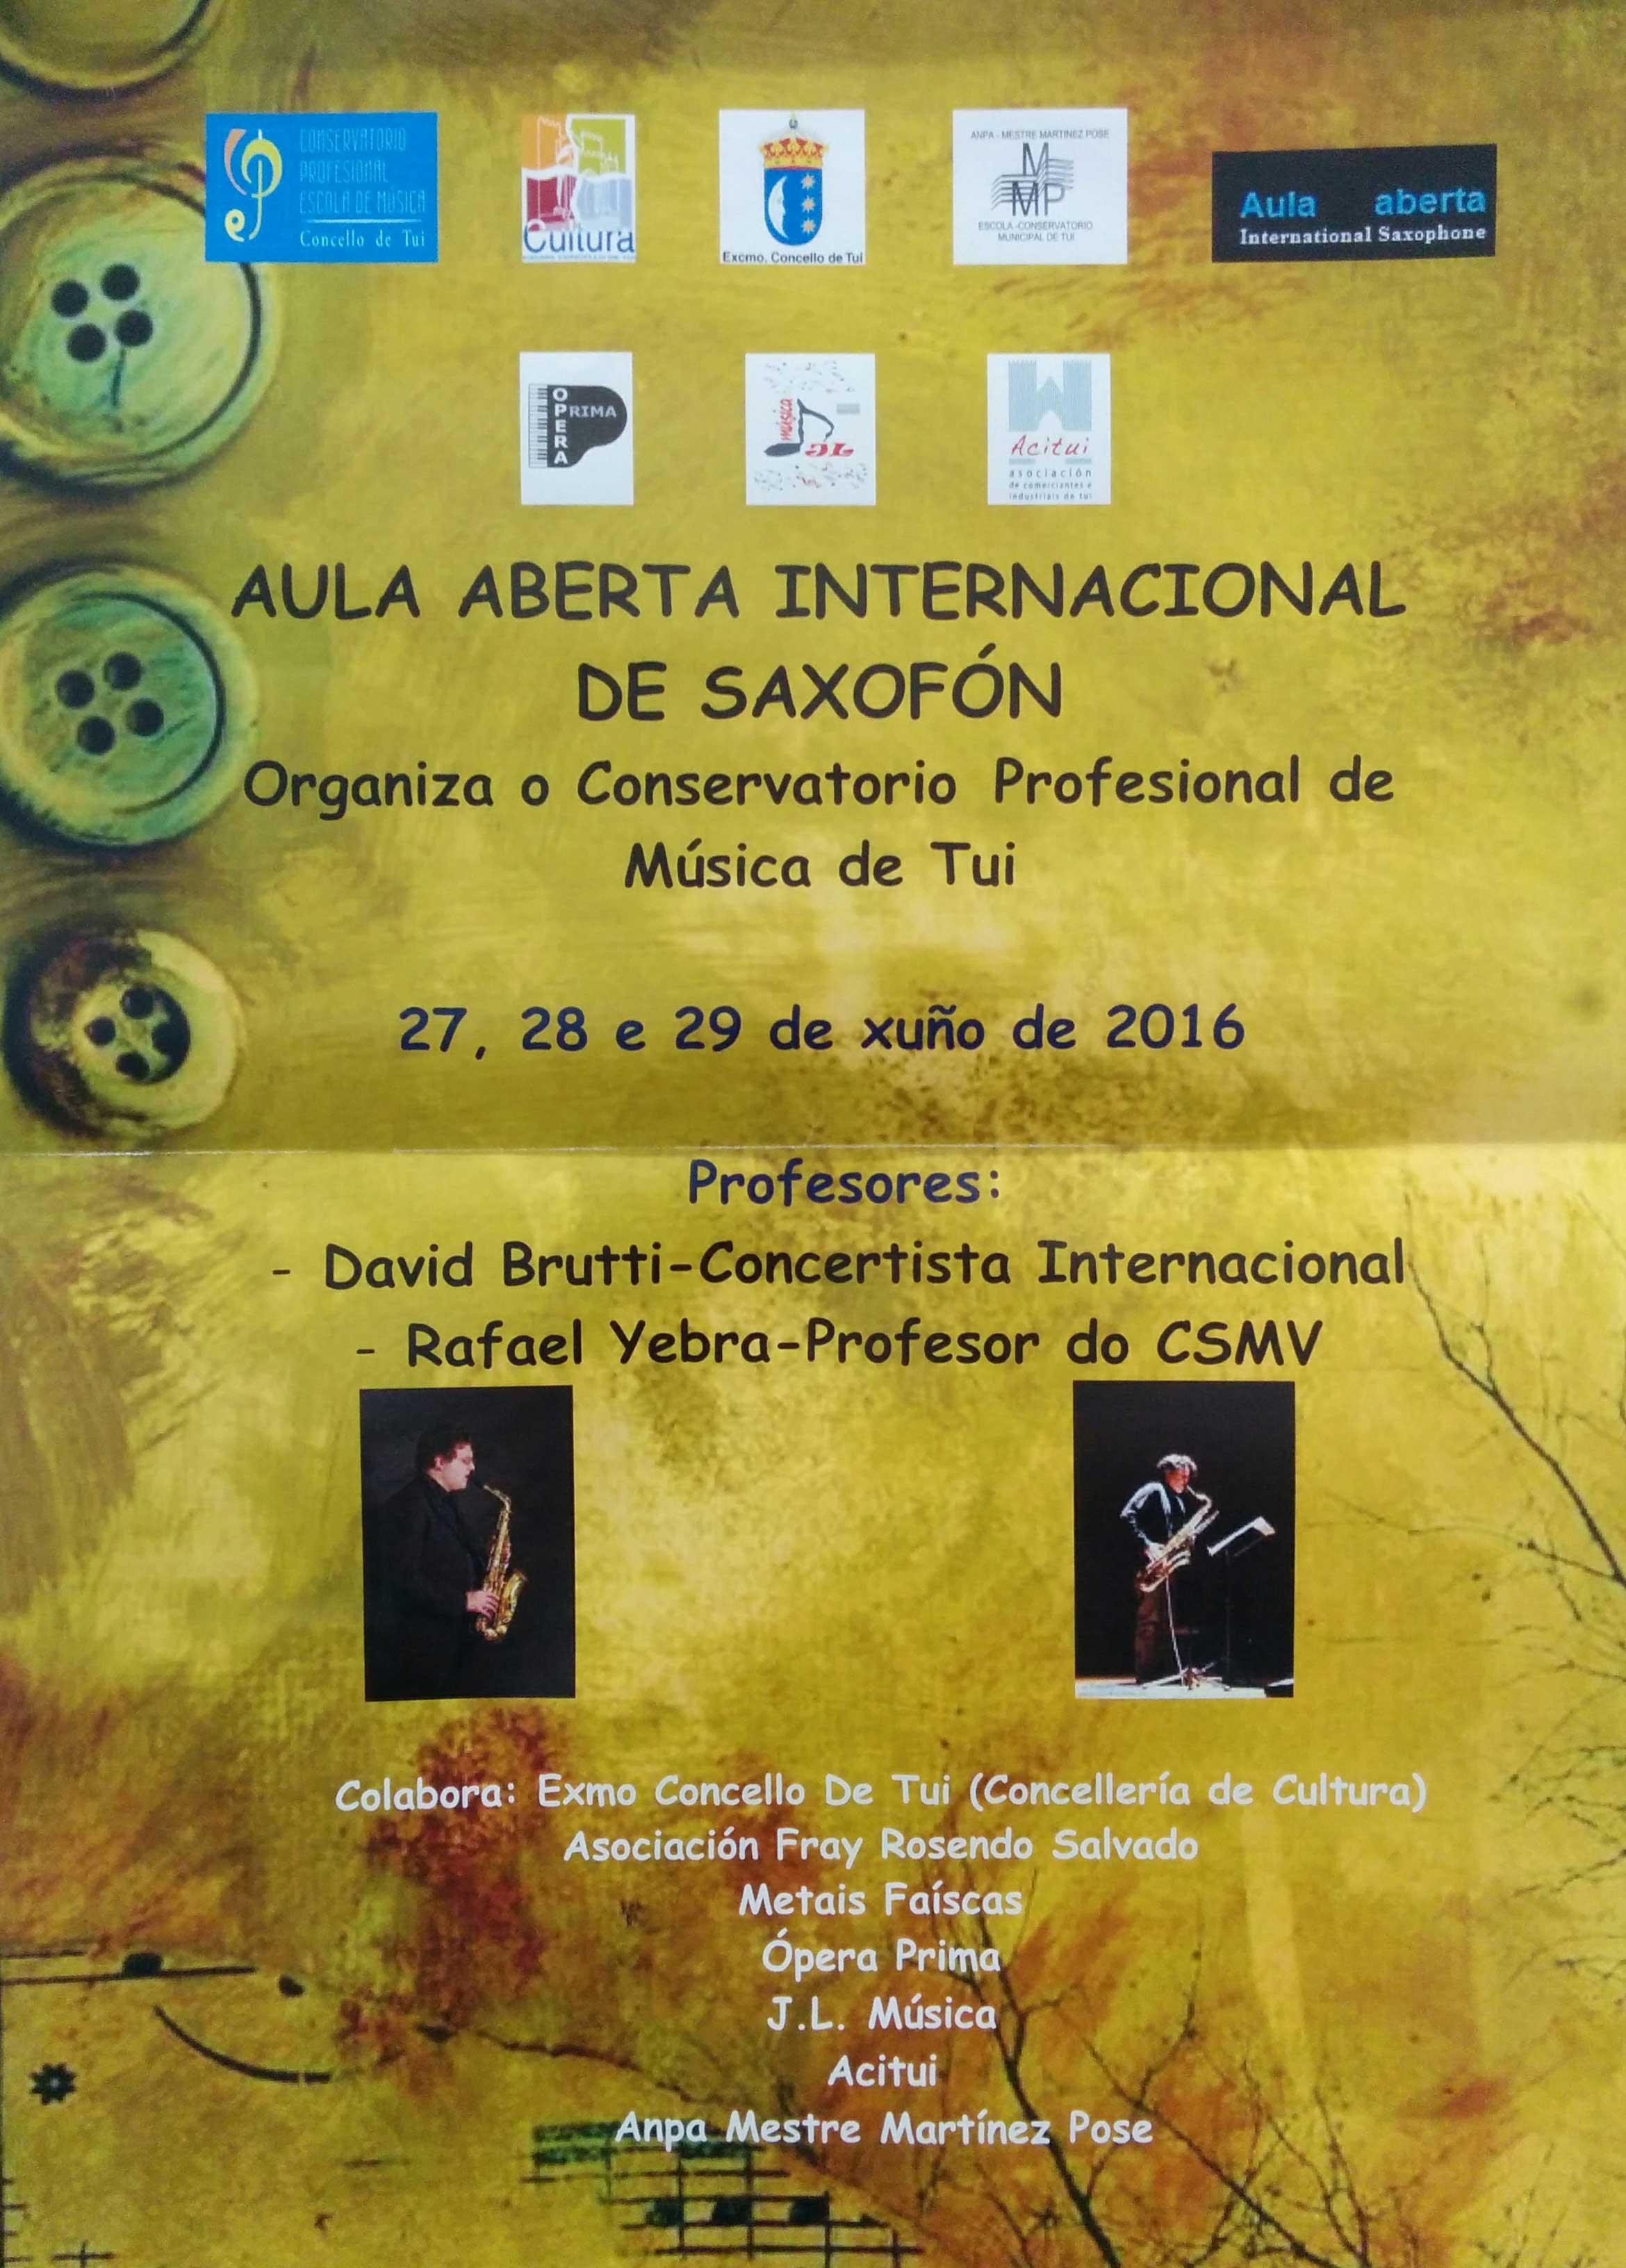 Aula Abierta Internacional De Saxofón